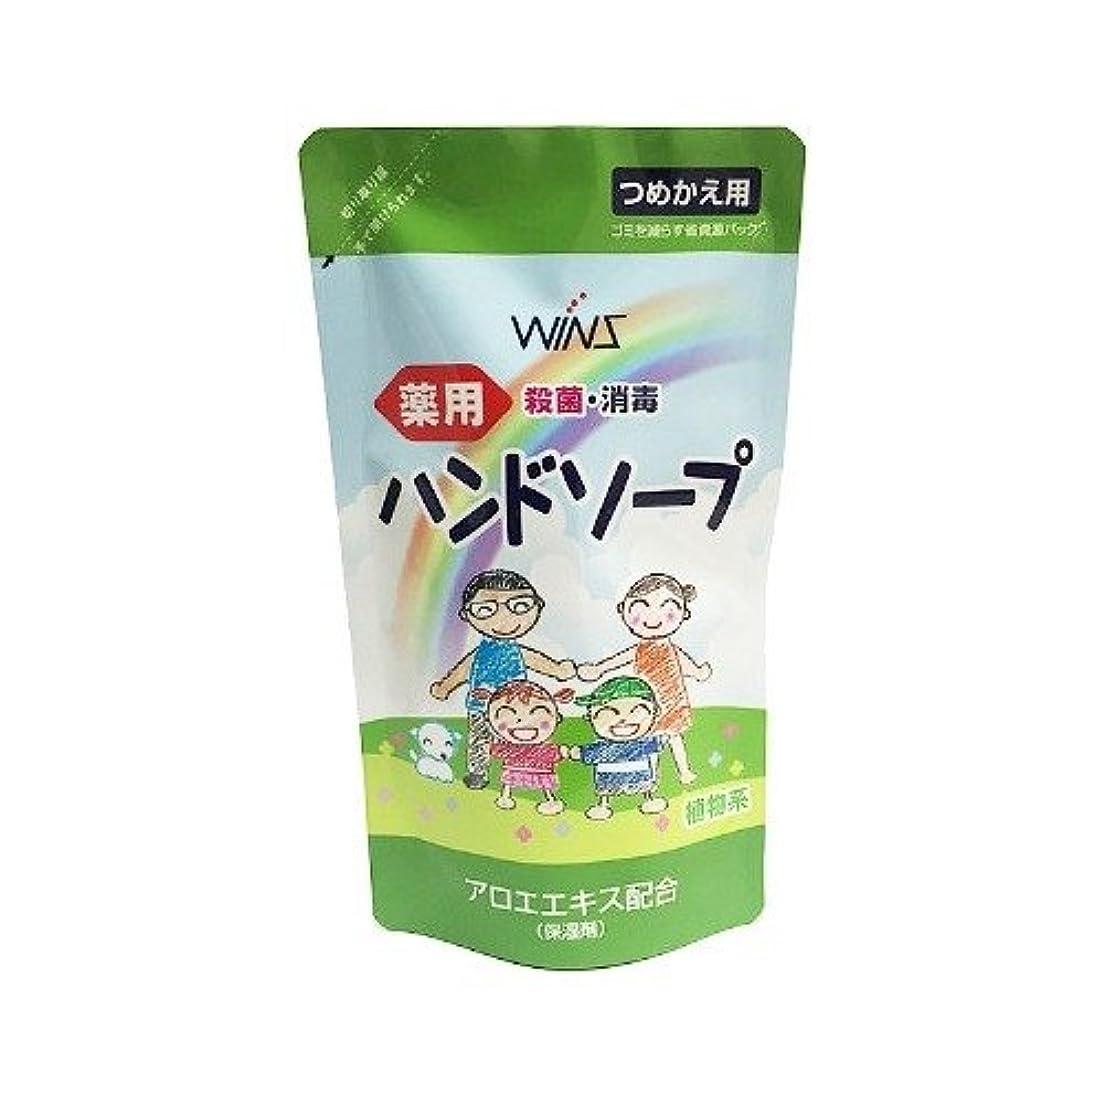 マンモス描くみなすウインズ 薬用ハンドソープ 詰替 200mL 日本合成洗剤